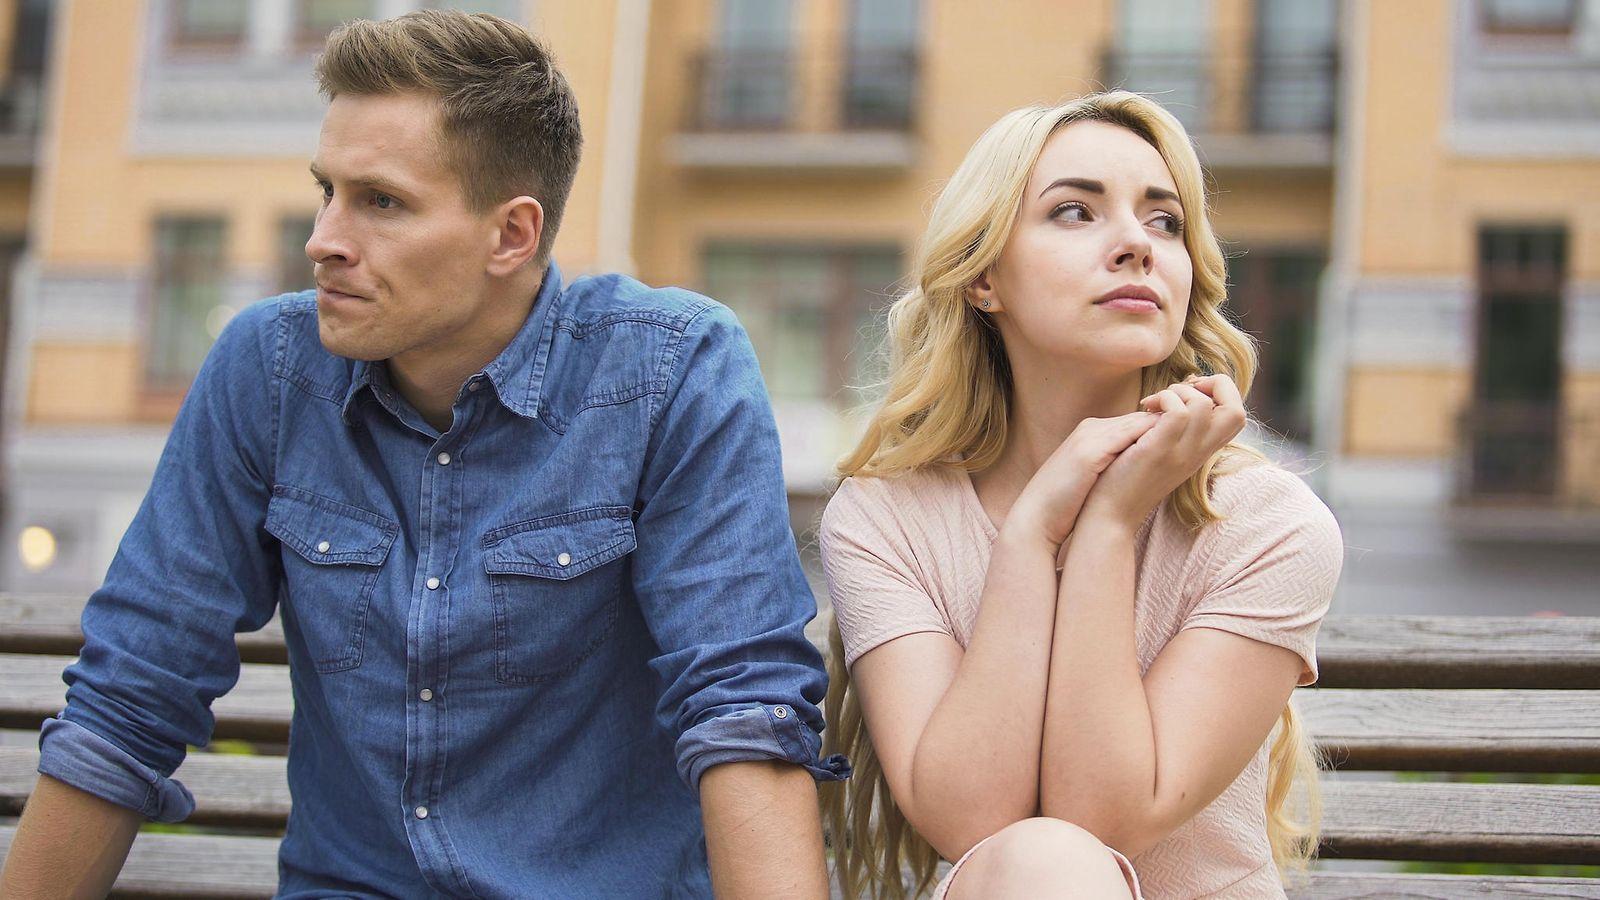 Miten päästä suhteeseen ilman dating